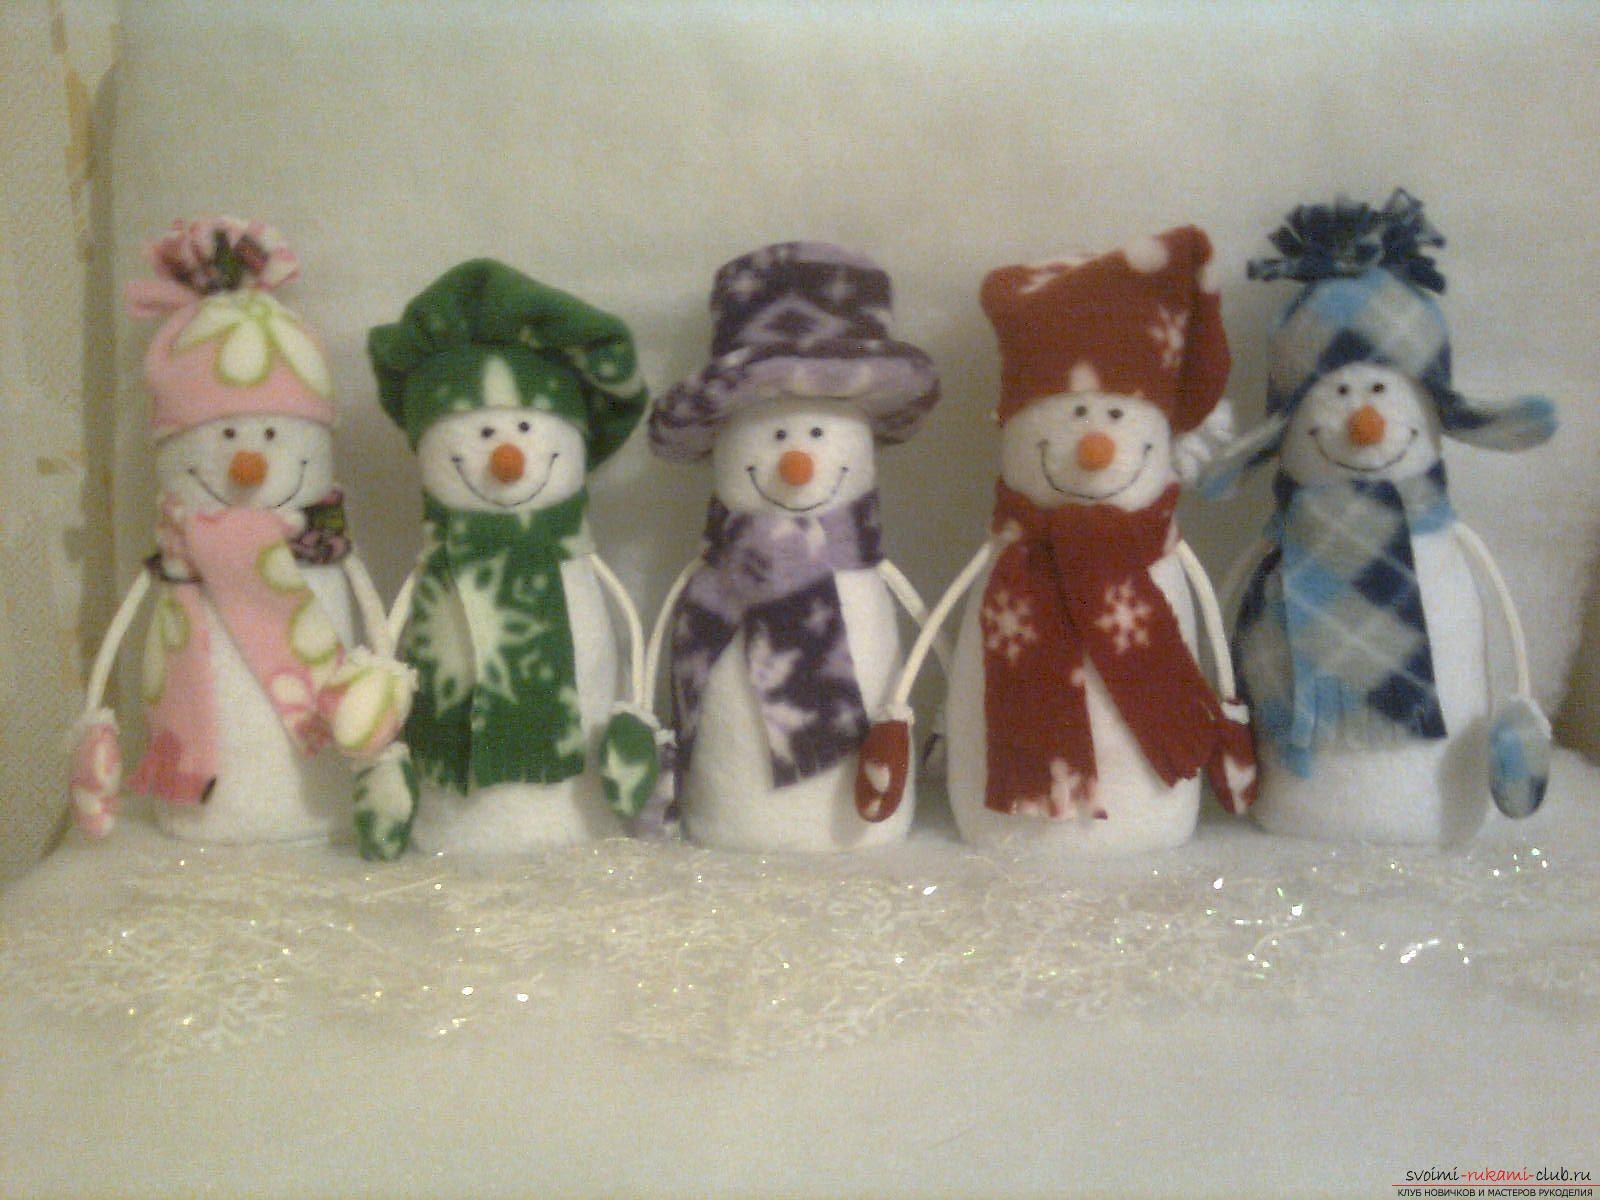 Снеговики из фетра помогут создать новогоднюю обстановку в каждом доме. Поделка на Новый год может быть не купленной в магазине, украшение к новогоднему столу можно сделать своими руками.. Фото №1